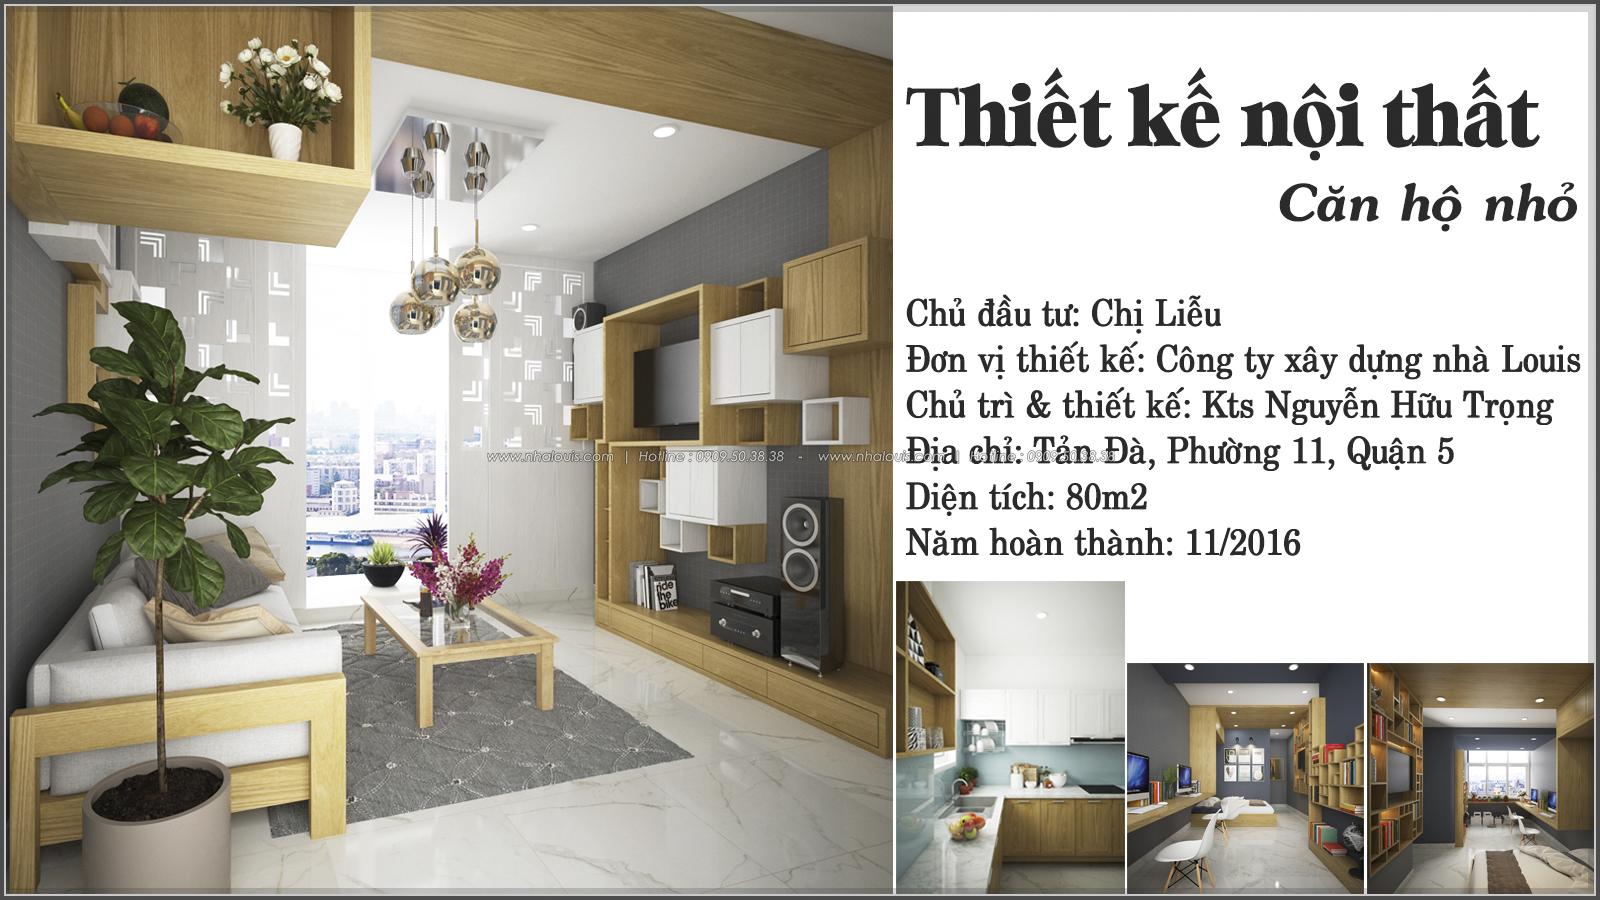 Ngỡ ngàng với thiết kế nội thất căn hộ nhỏ đẹp tinh tế ở Quận 5 - 01